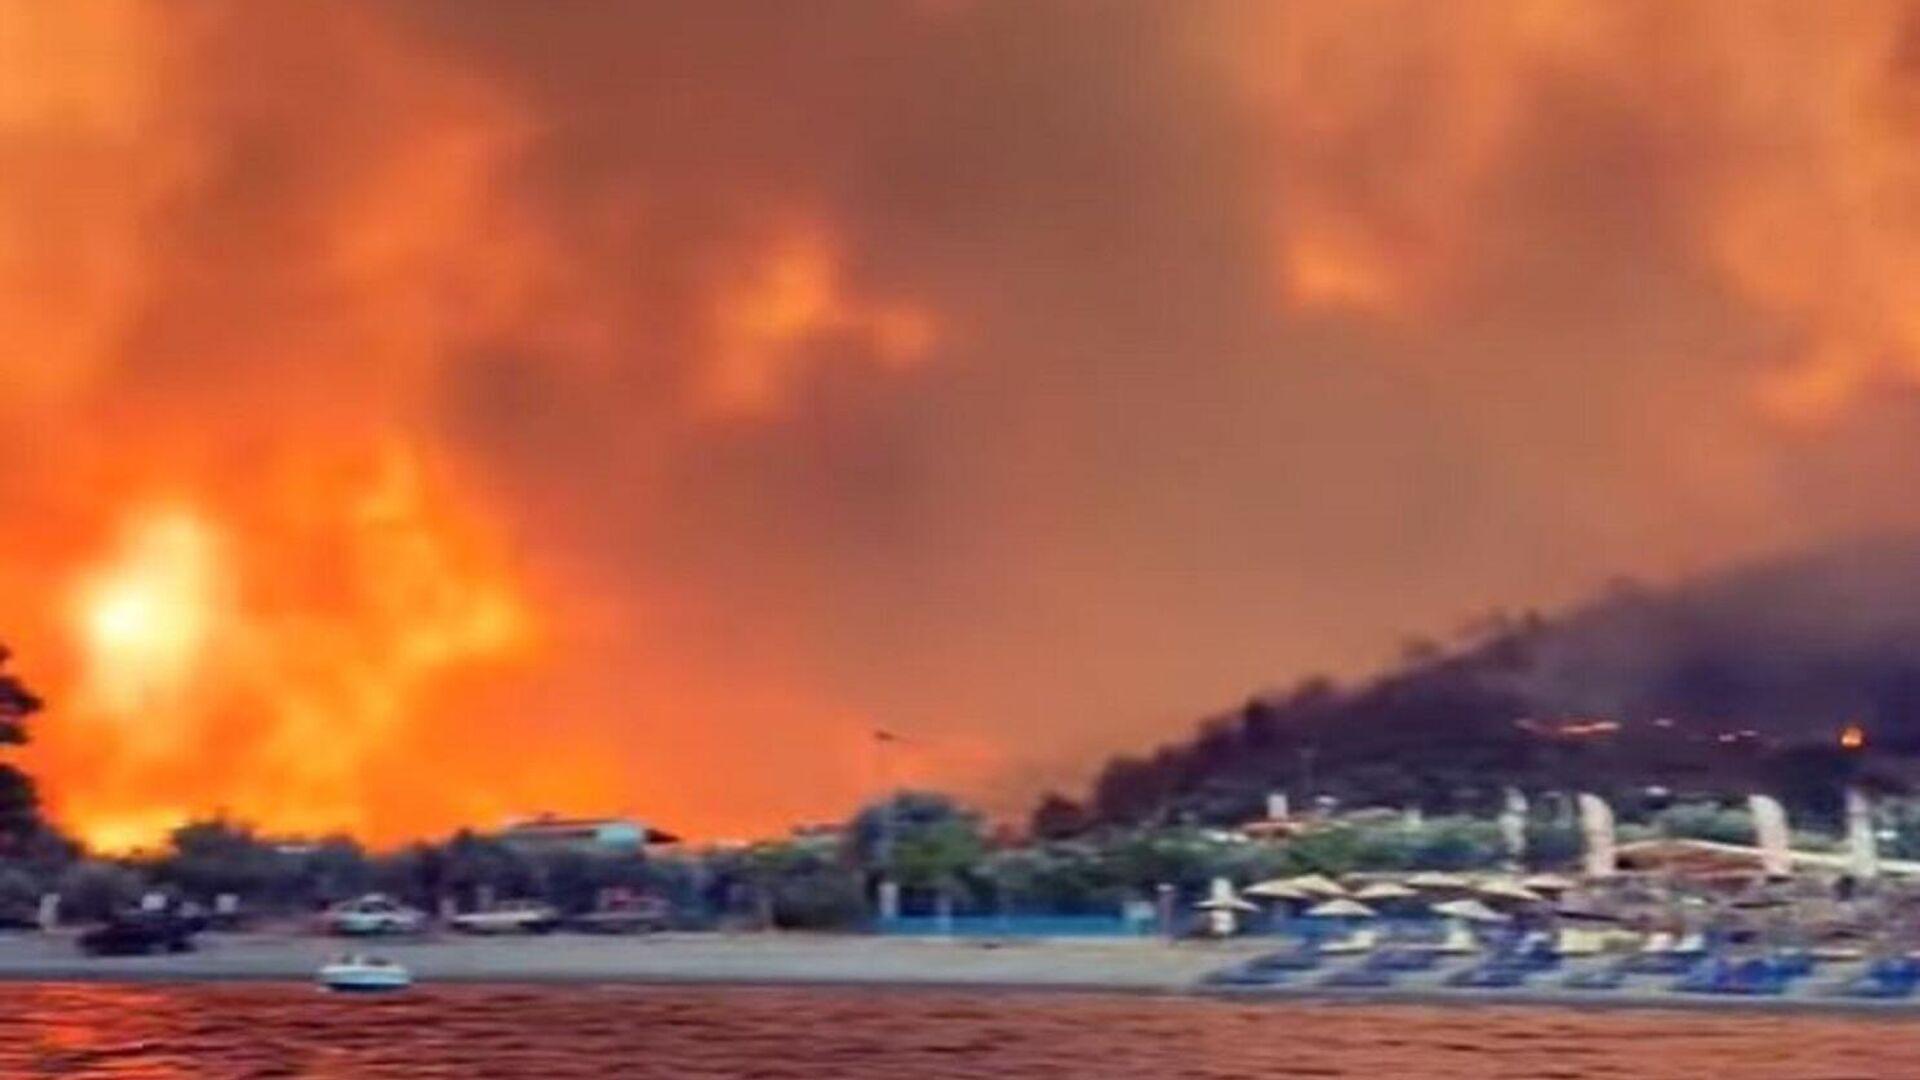 Φωτιά στις Ροβιές στην Εύβοια - Sputnik Ελλάδα, 1920, 06.08.2021